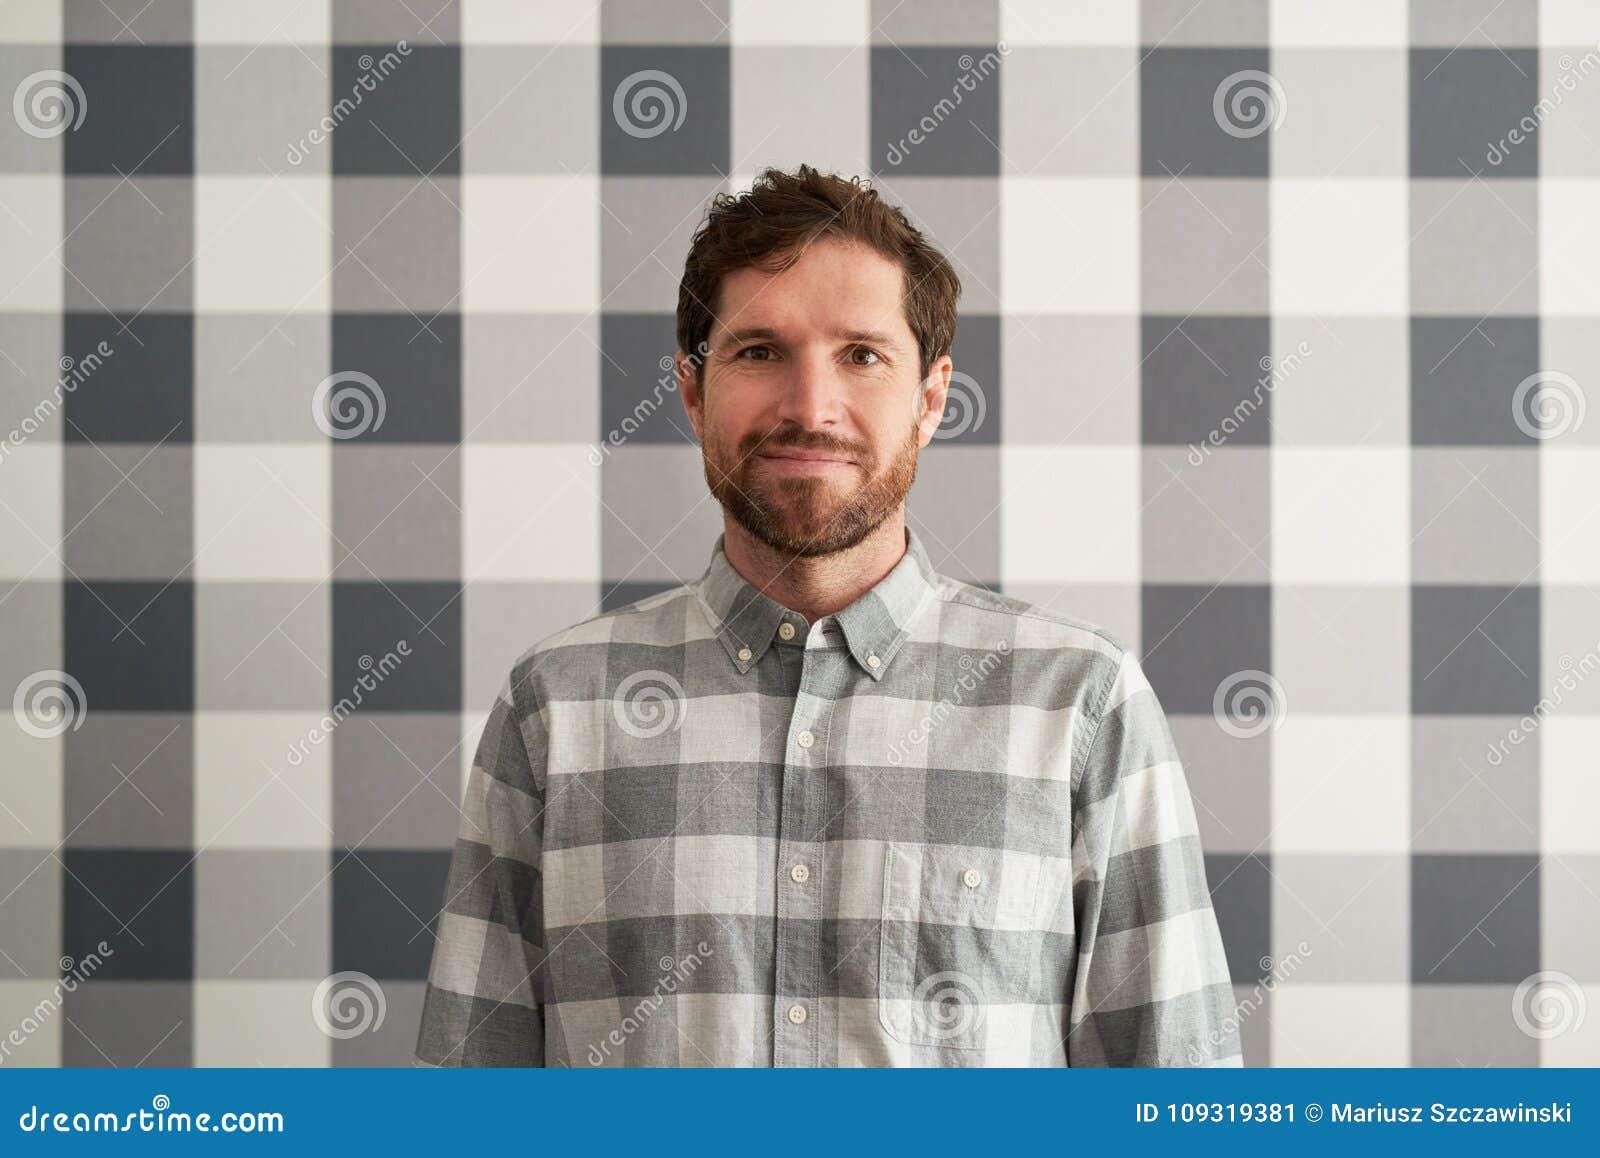 Glimlachende jonge mens die een geruit overhemd dragen die zijn behang aanpassen